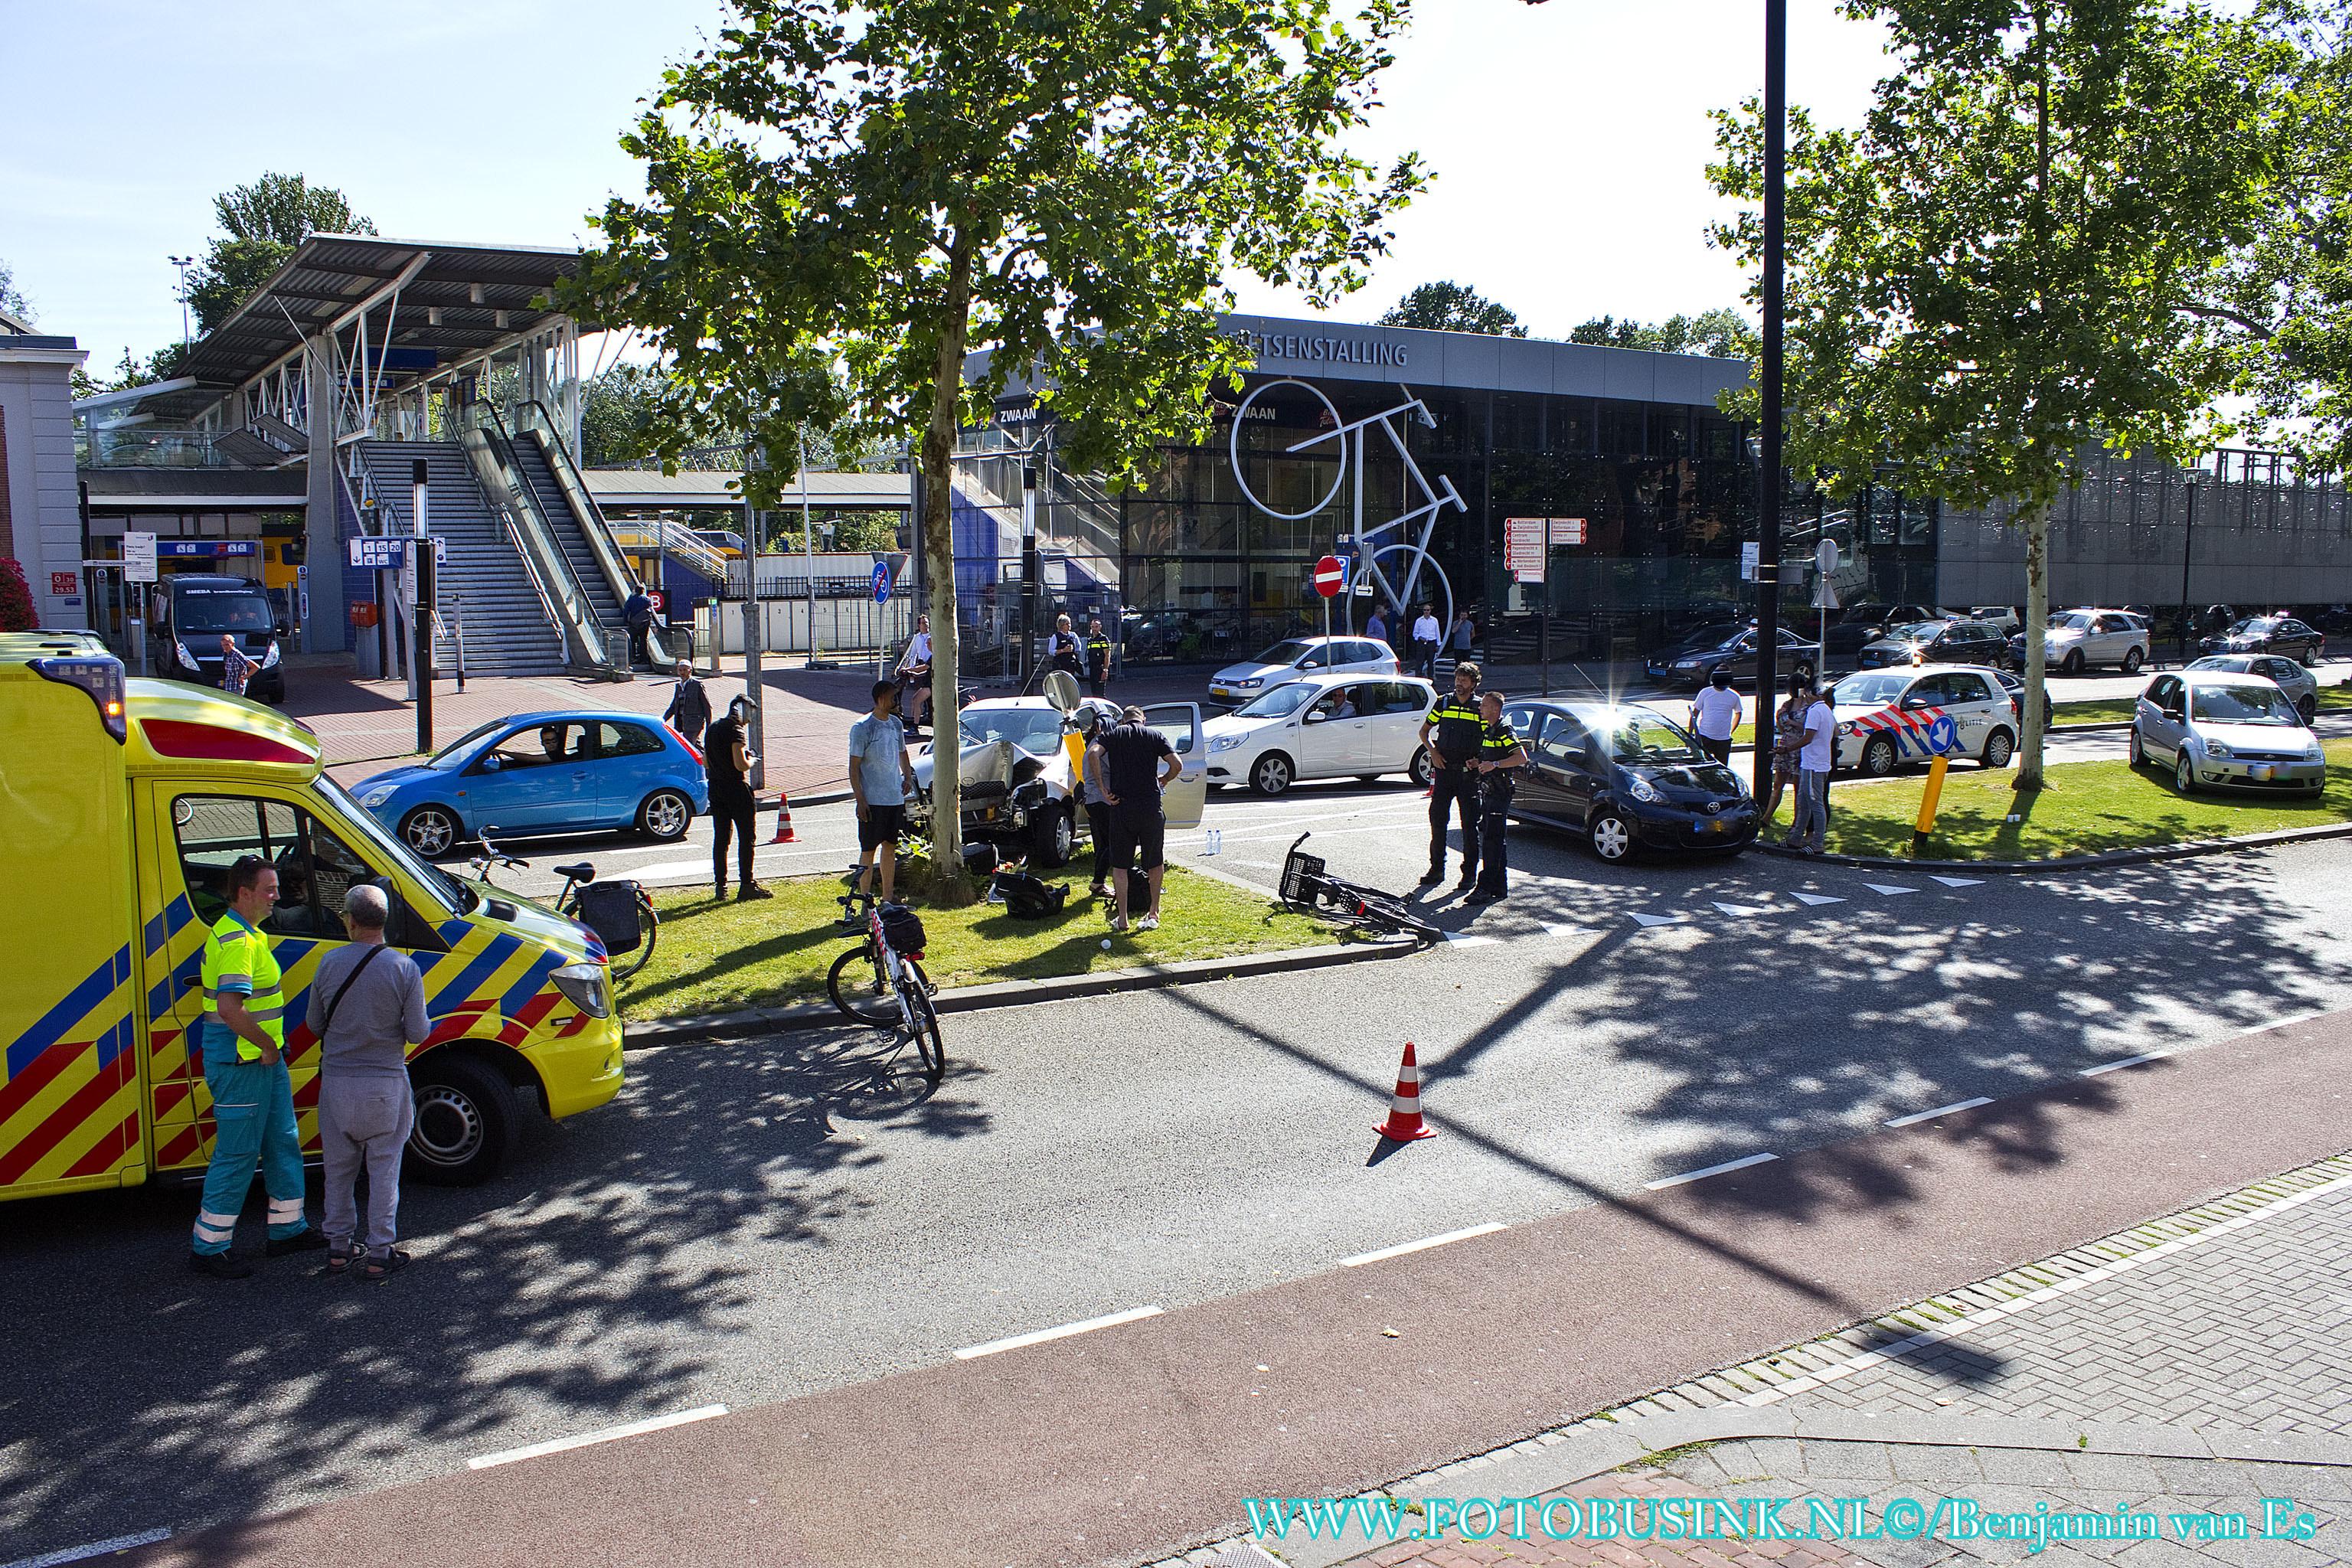 Aanrijding letsel Burgemeester de Raadtsingel in Dordrecht.